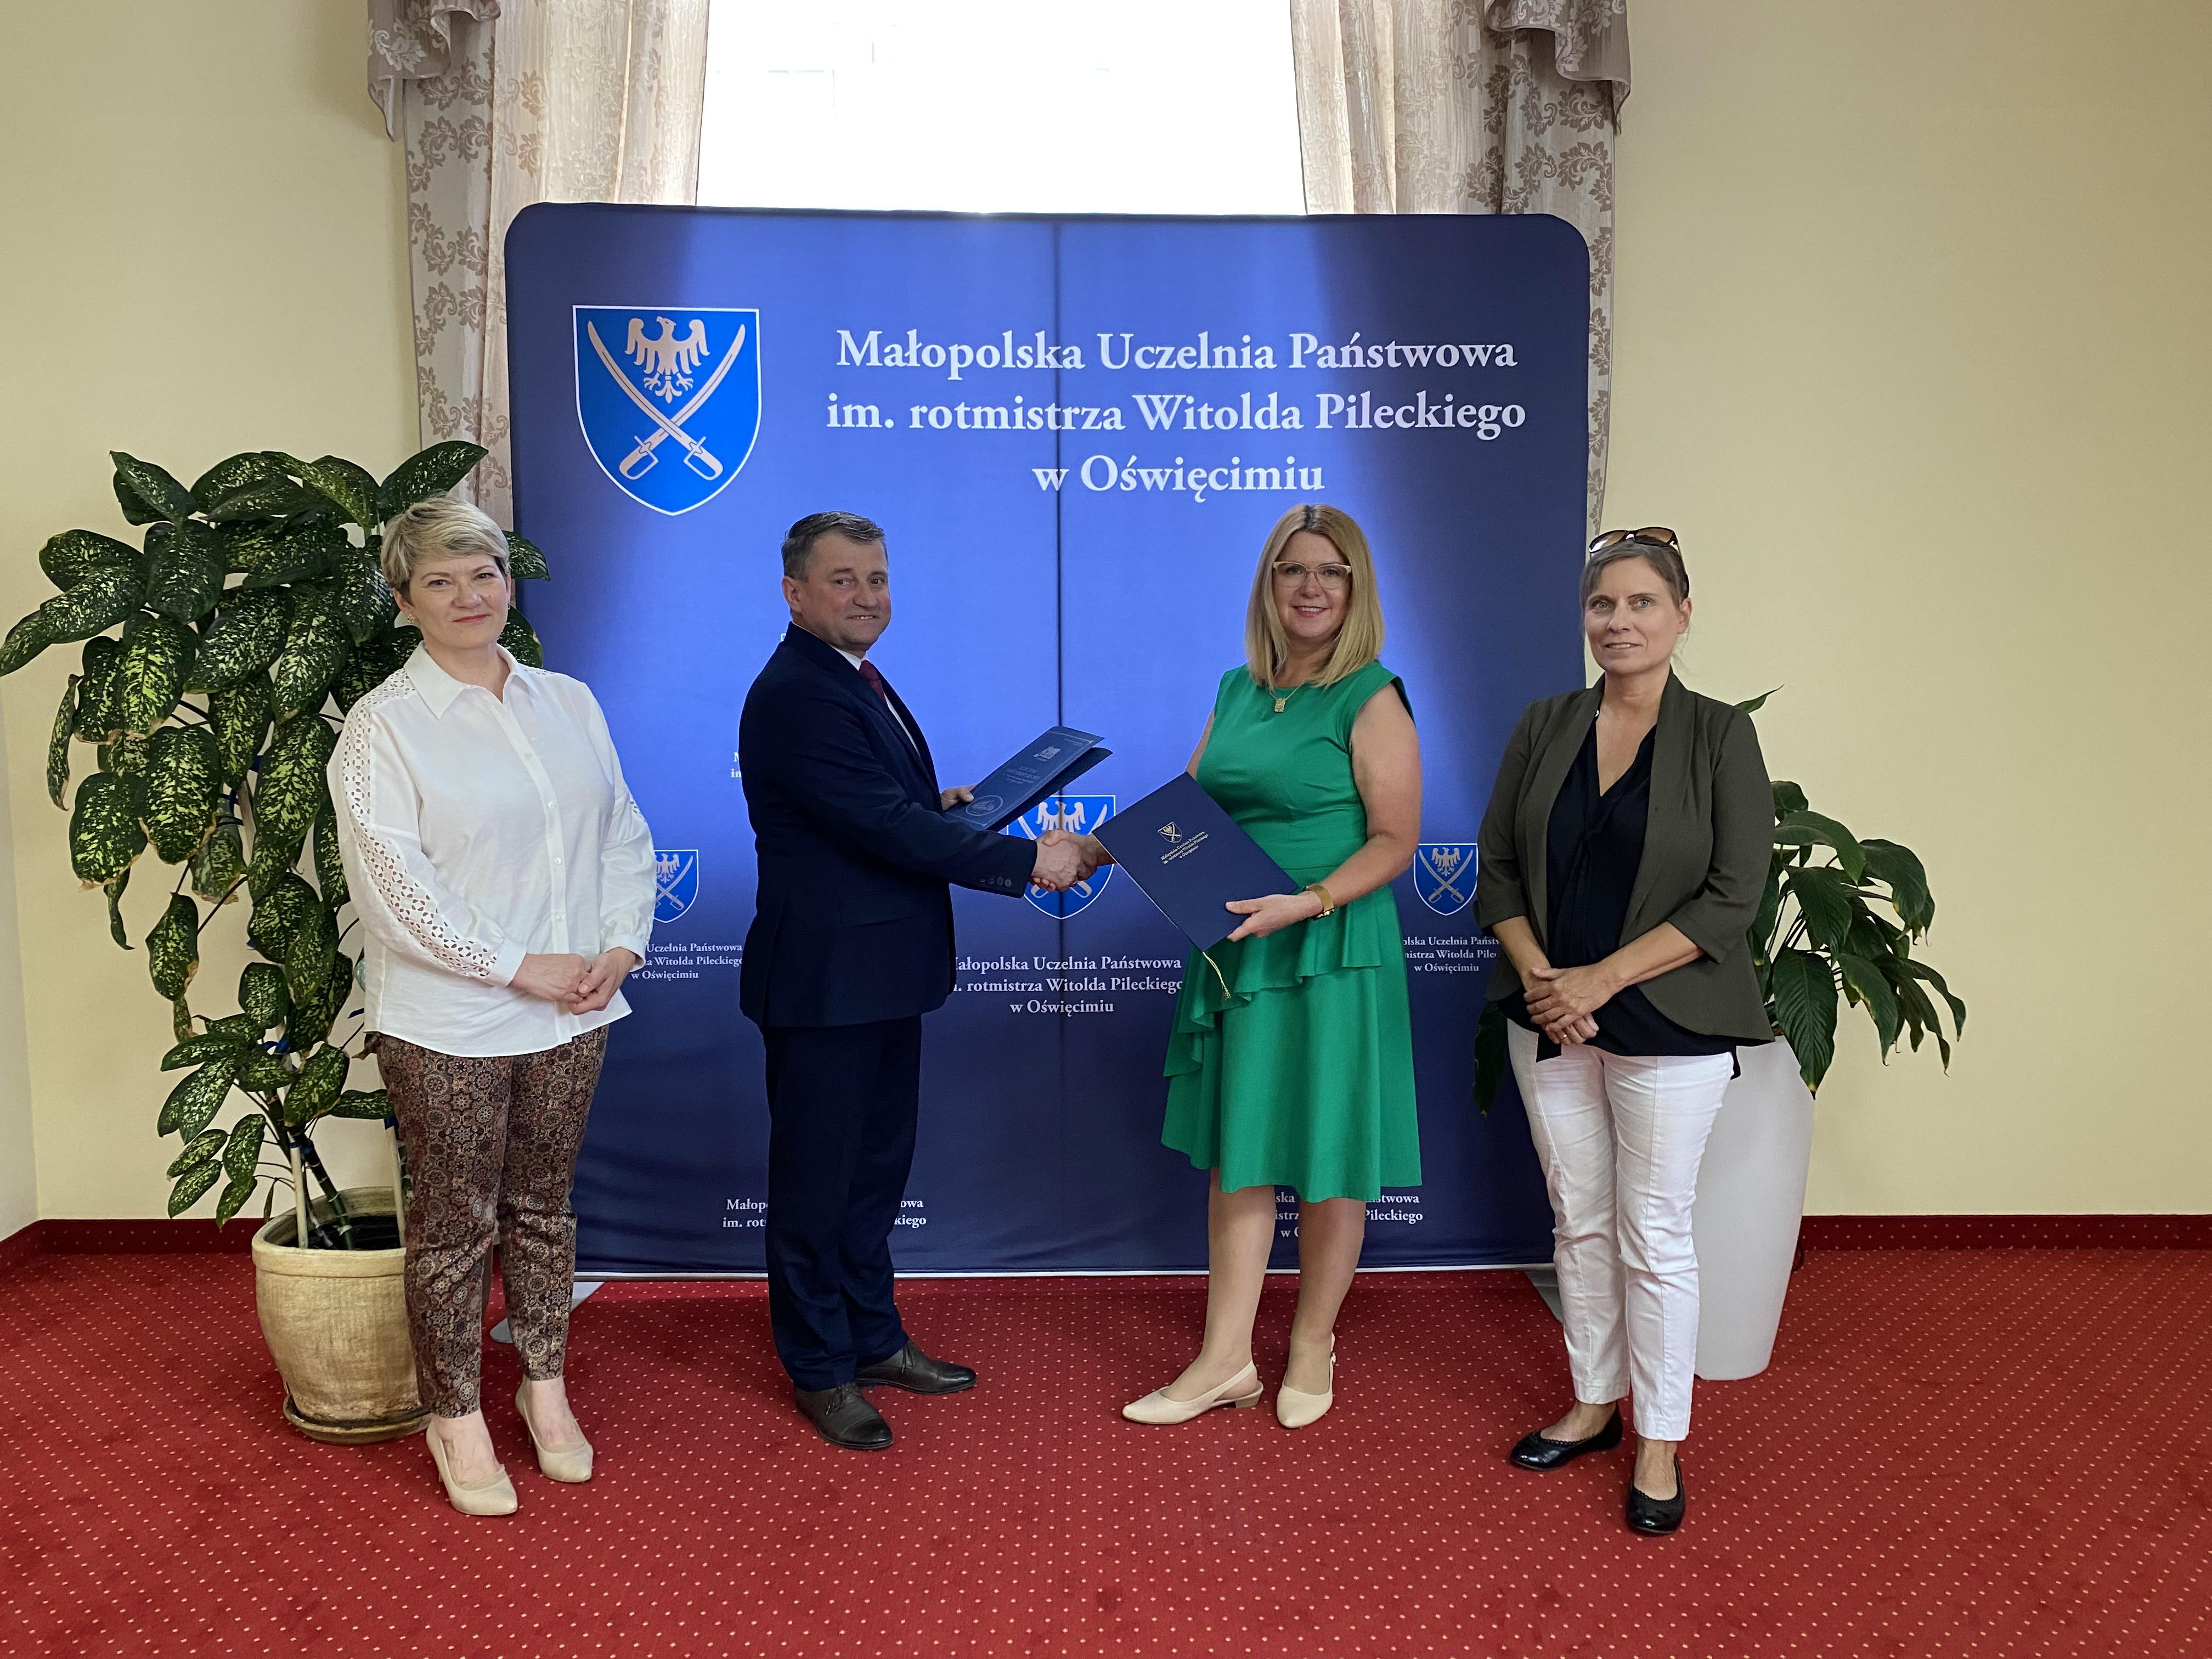 Dyrektor szkoły podpisał porozumienie o współpracy z Małopolską Uczelnią Państwową im. rotmistrza Witolda Pileckiego w Oświęcimiu.